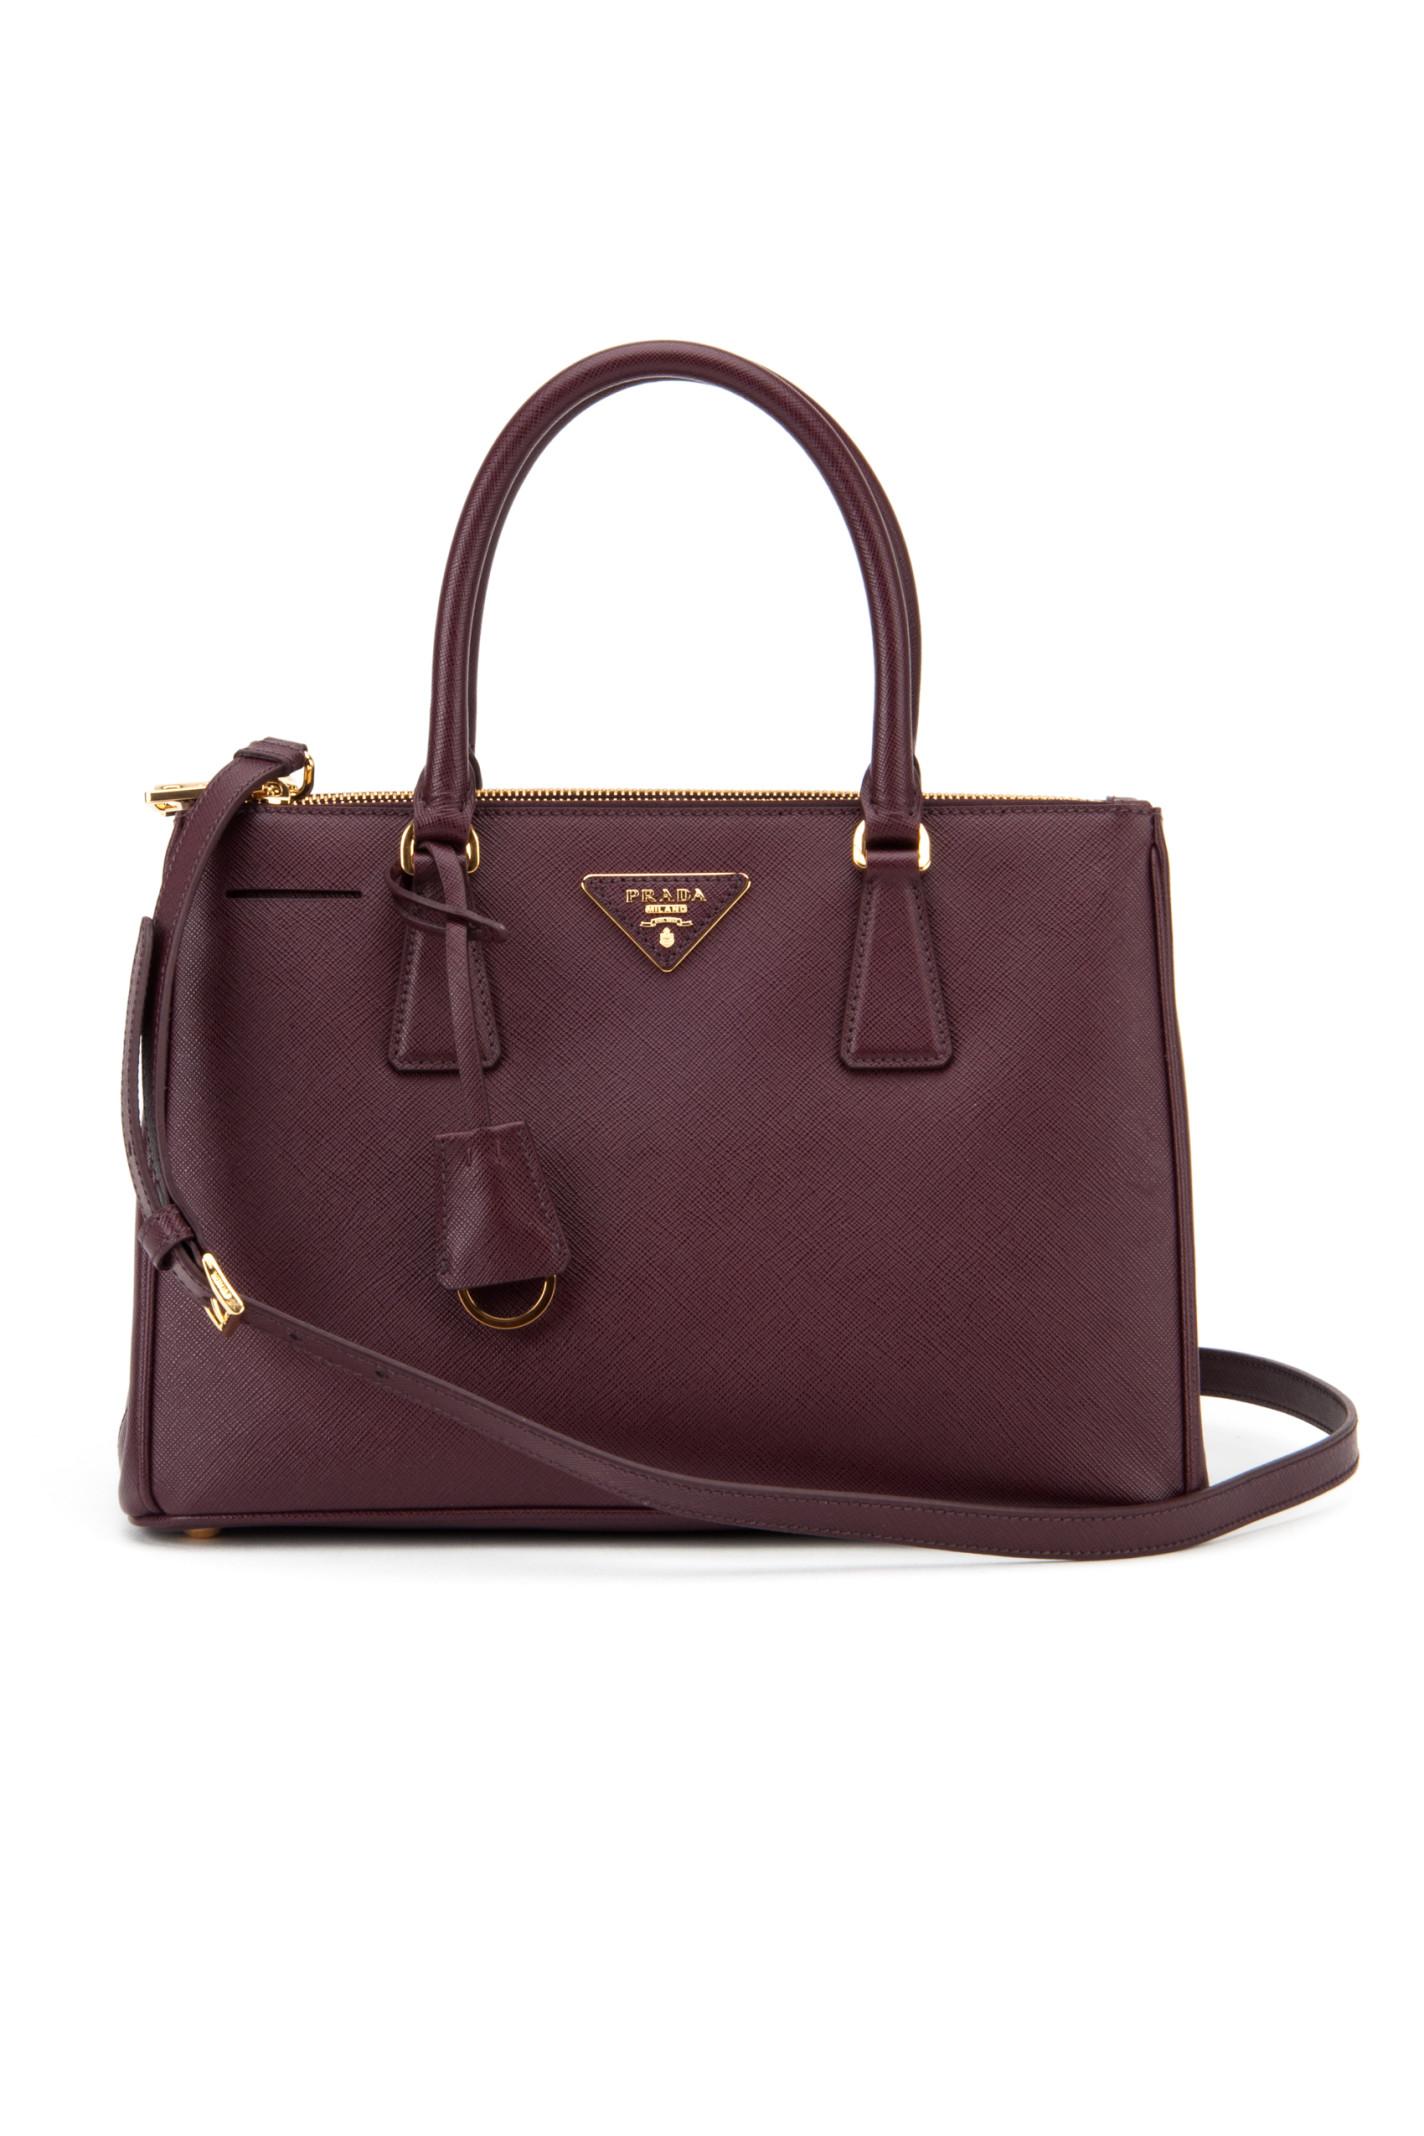 Prada Borsa Saffiano Lux in Purple (GRANATO)   Lyst